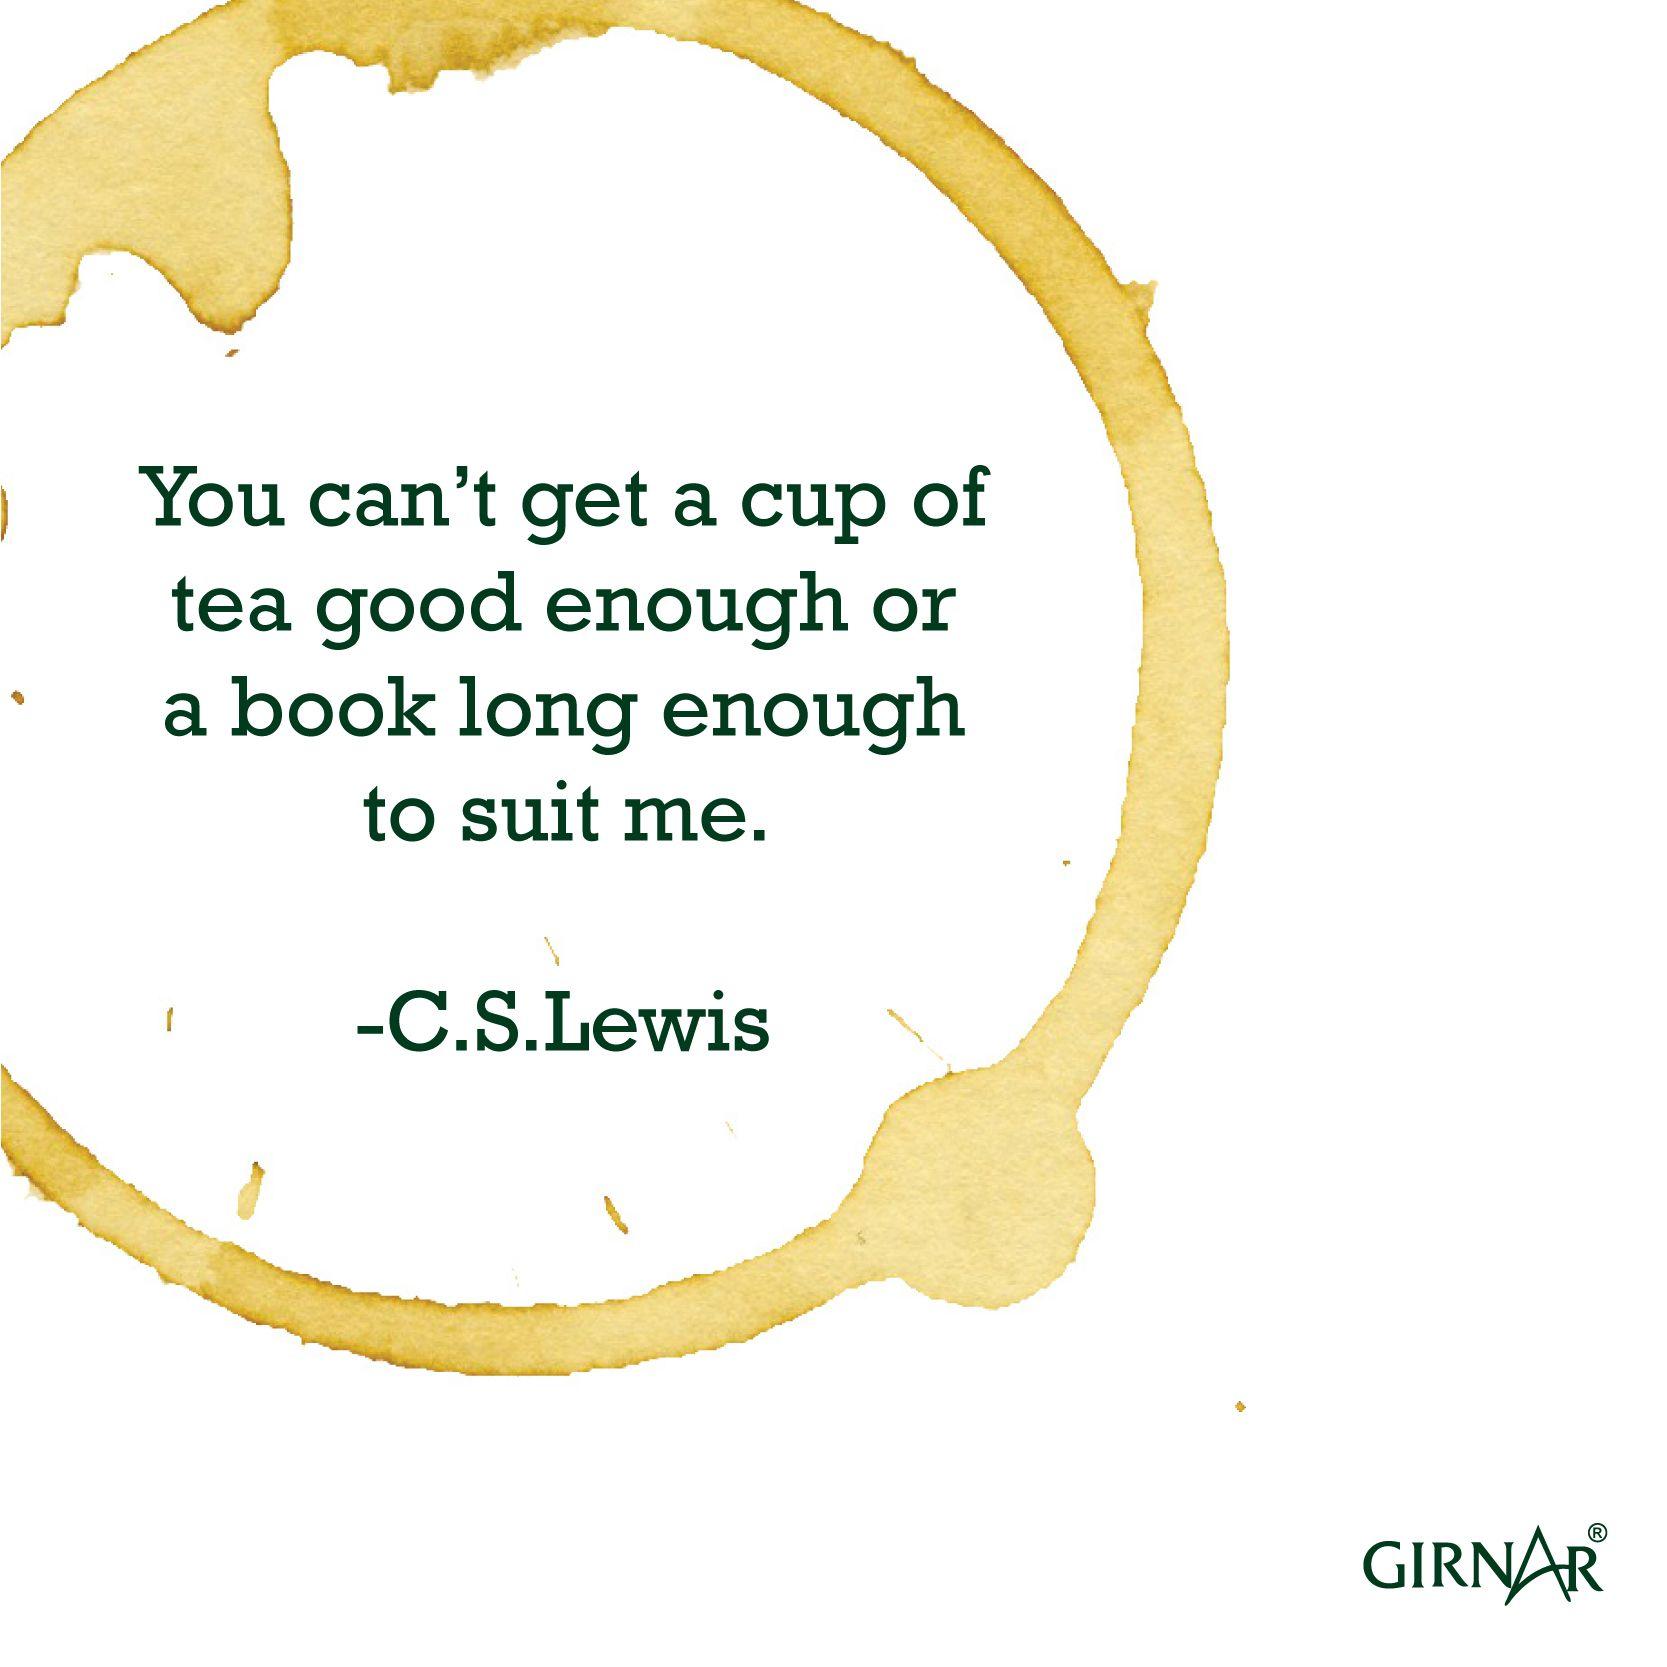 A cup of tea + A long book